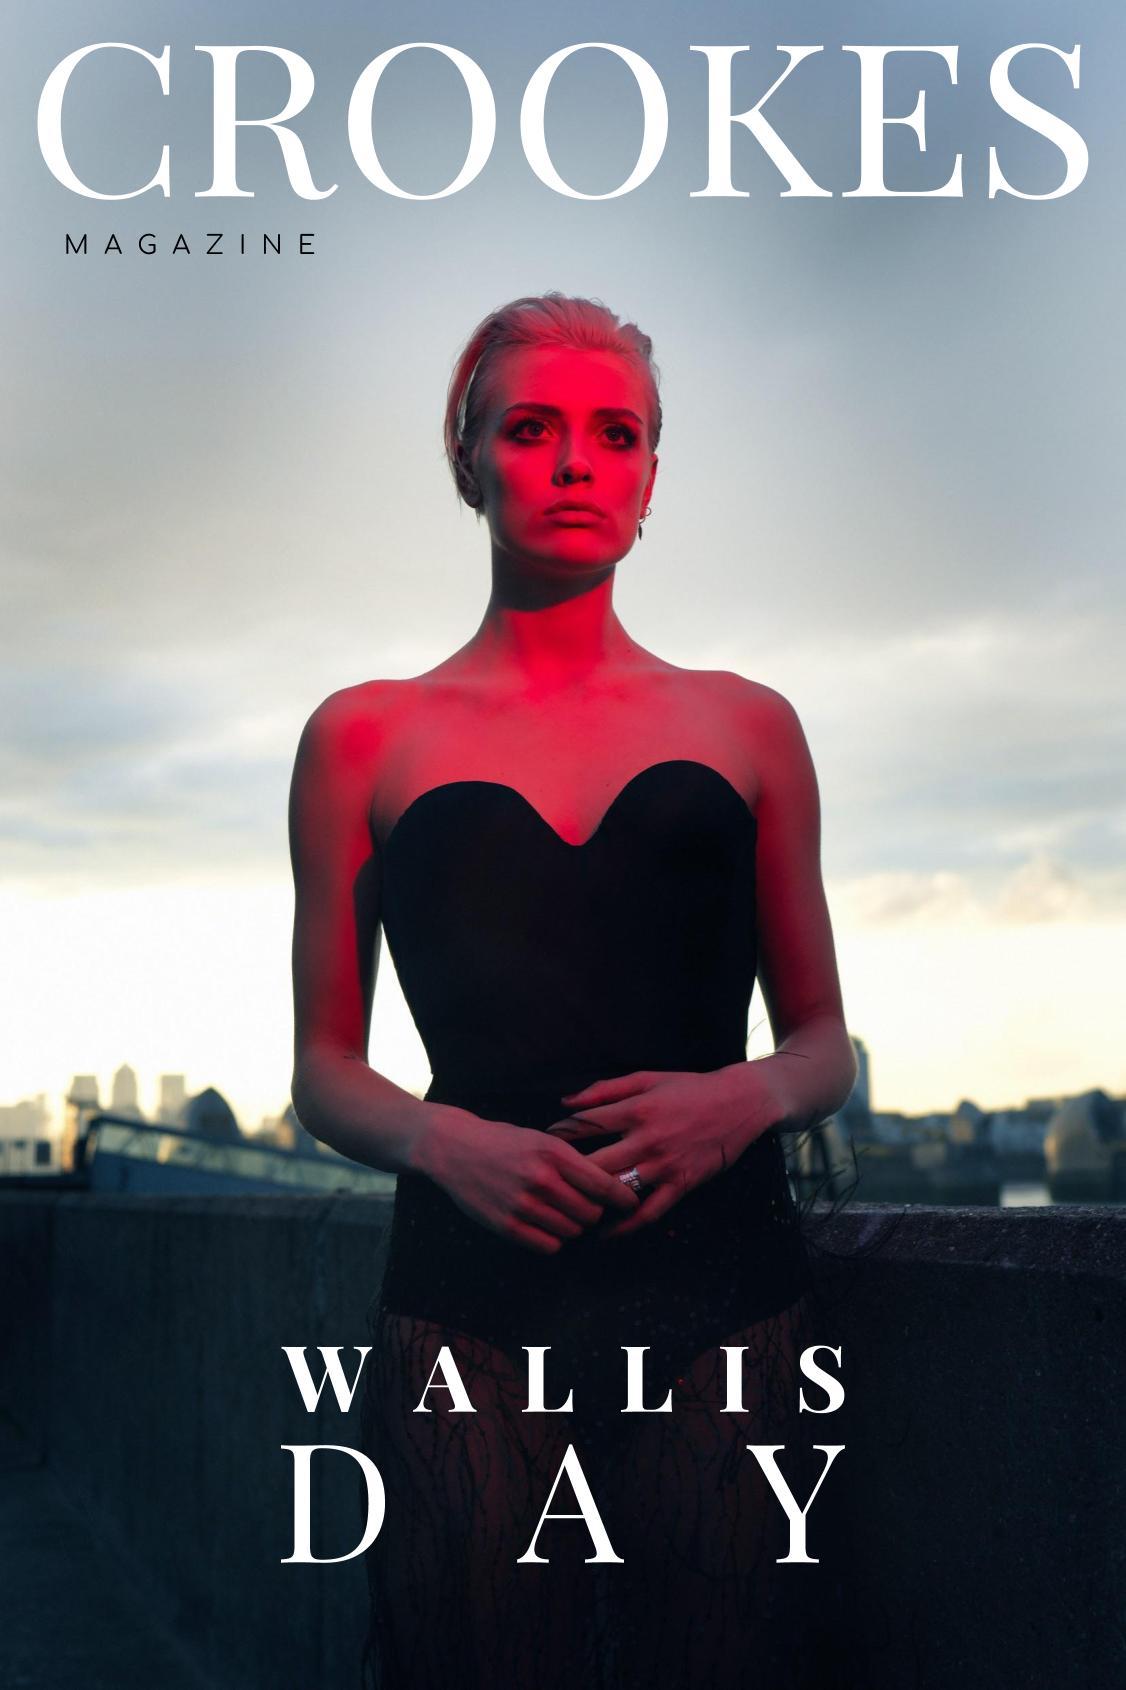 Wallis Day Photoshoot 2018